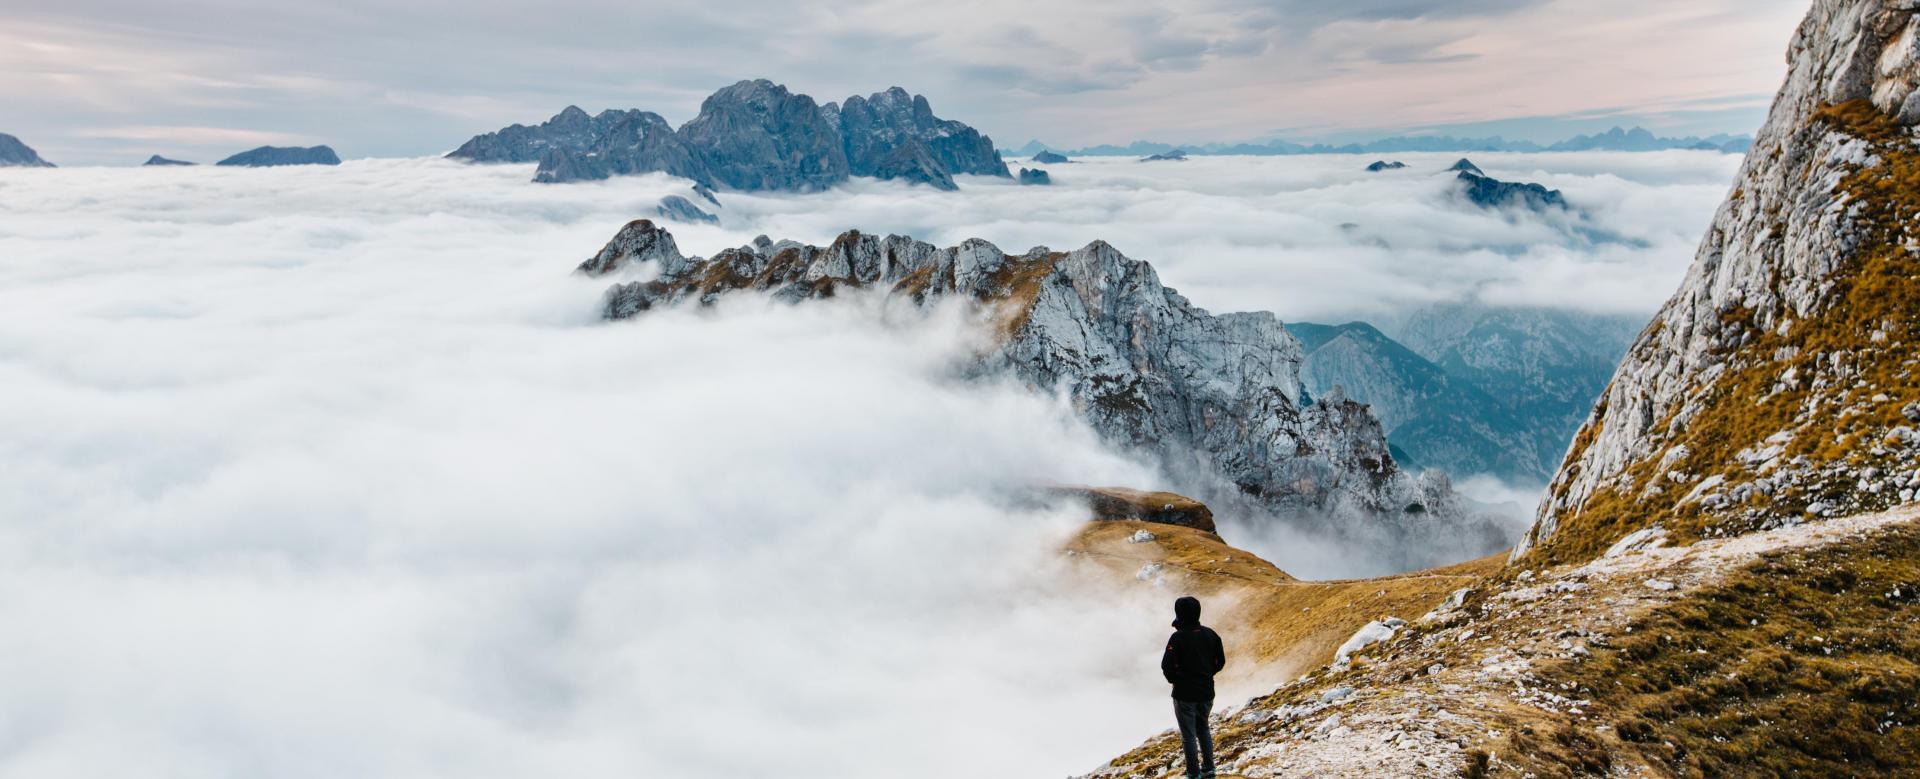 Voyage à pied : Les sentiers du triglav